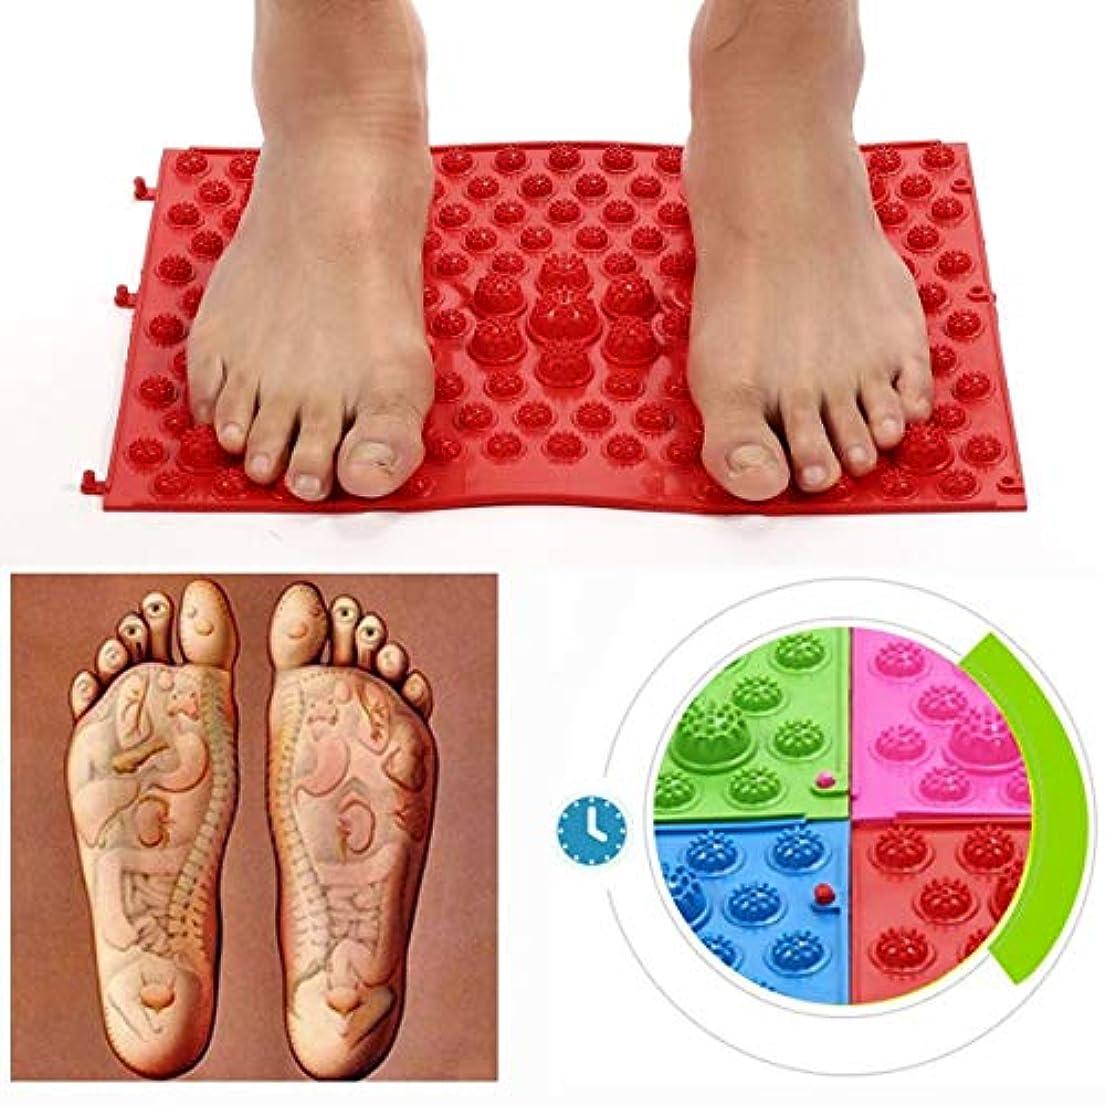 ナラーバー現在野菜Acupressure Foot Mats Running Man Game Same Type Foot Reflexology Walking Massage Mat for Pain Relief Stress Relief...